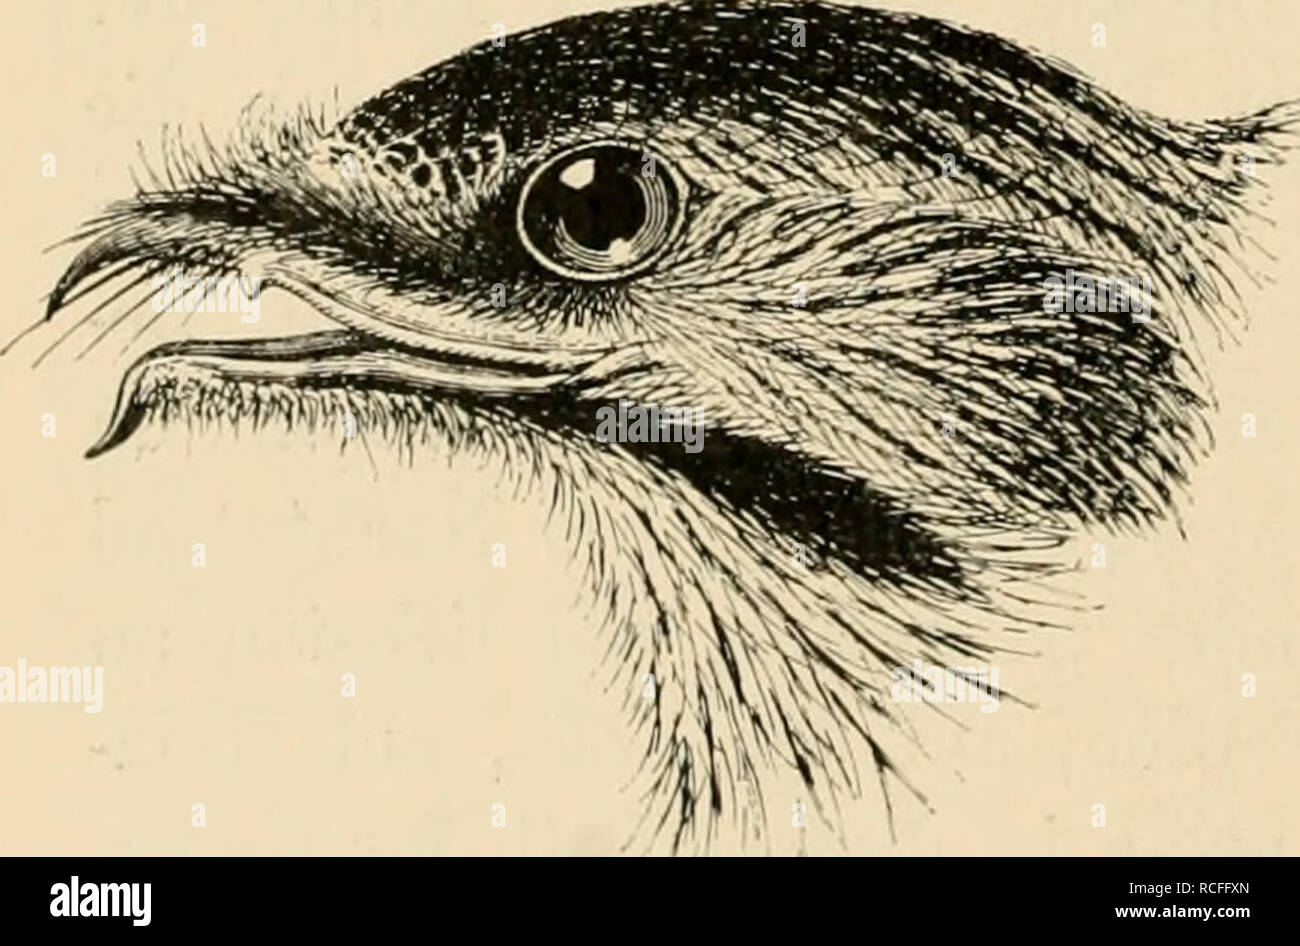 . Die Vögel; Handbuch der systematischen Ornithologie. Birds. 150 Strisores. Schwirrvögel. Käfer und Nachtschmetterlinge, die sie im Fluge fangen. Die Stimme besteht in kurzen, tiefen, schnurrenden und schwingenden Tönen, die oft zu längeren Strophen und in verschiedenen Rhythmen aneinander gereiht werden; manche haben auch hellere einsilbige Locktöne. Wegen der kurzen Füsse laufen sie trippelnd und bewegen sich wenig auf der Erde. Ein eigentliches Nest bauen sie nicht, sondern legen ihre Eier, in der Regel 2, die walzenförmig und auf weissem, seltener rötlichem Grunde grau gefleckt und gewölk - Stock Image